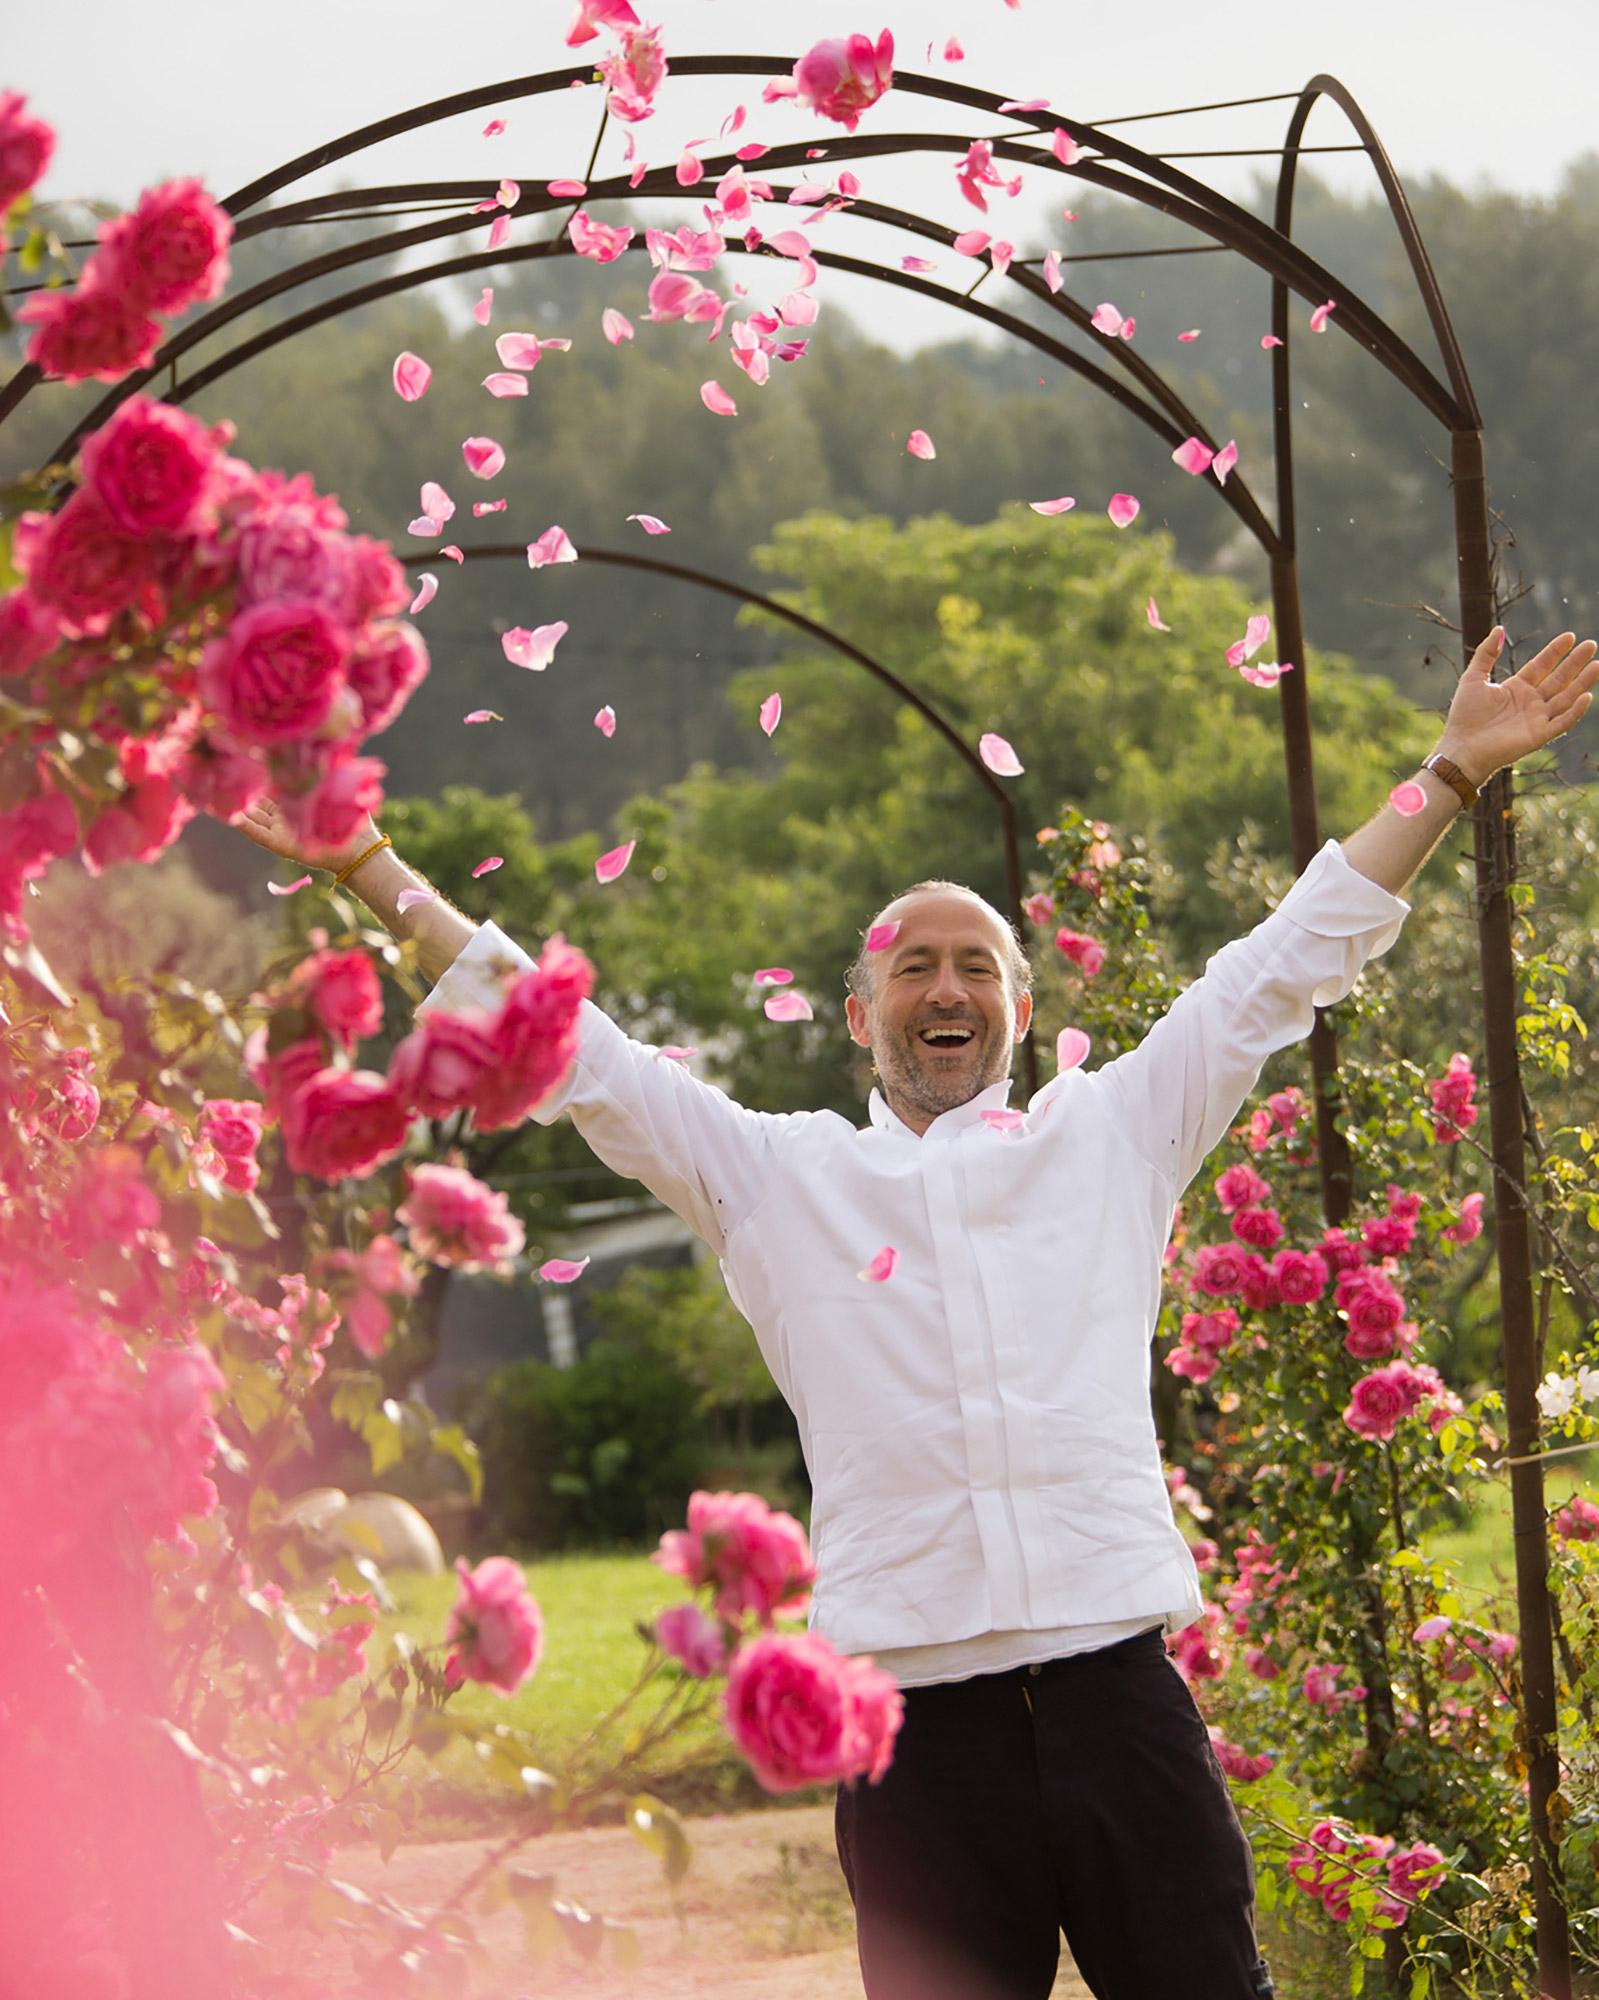 Chef en veste blanche dans un jardin jetant des pétales de rose en l'air